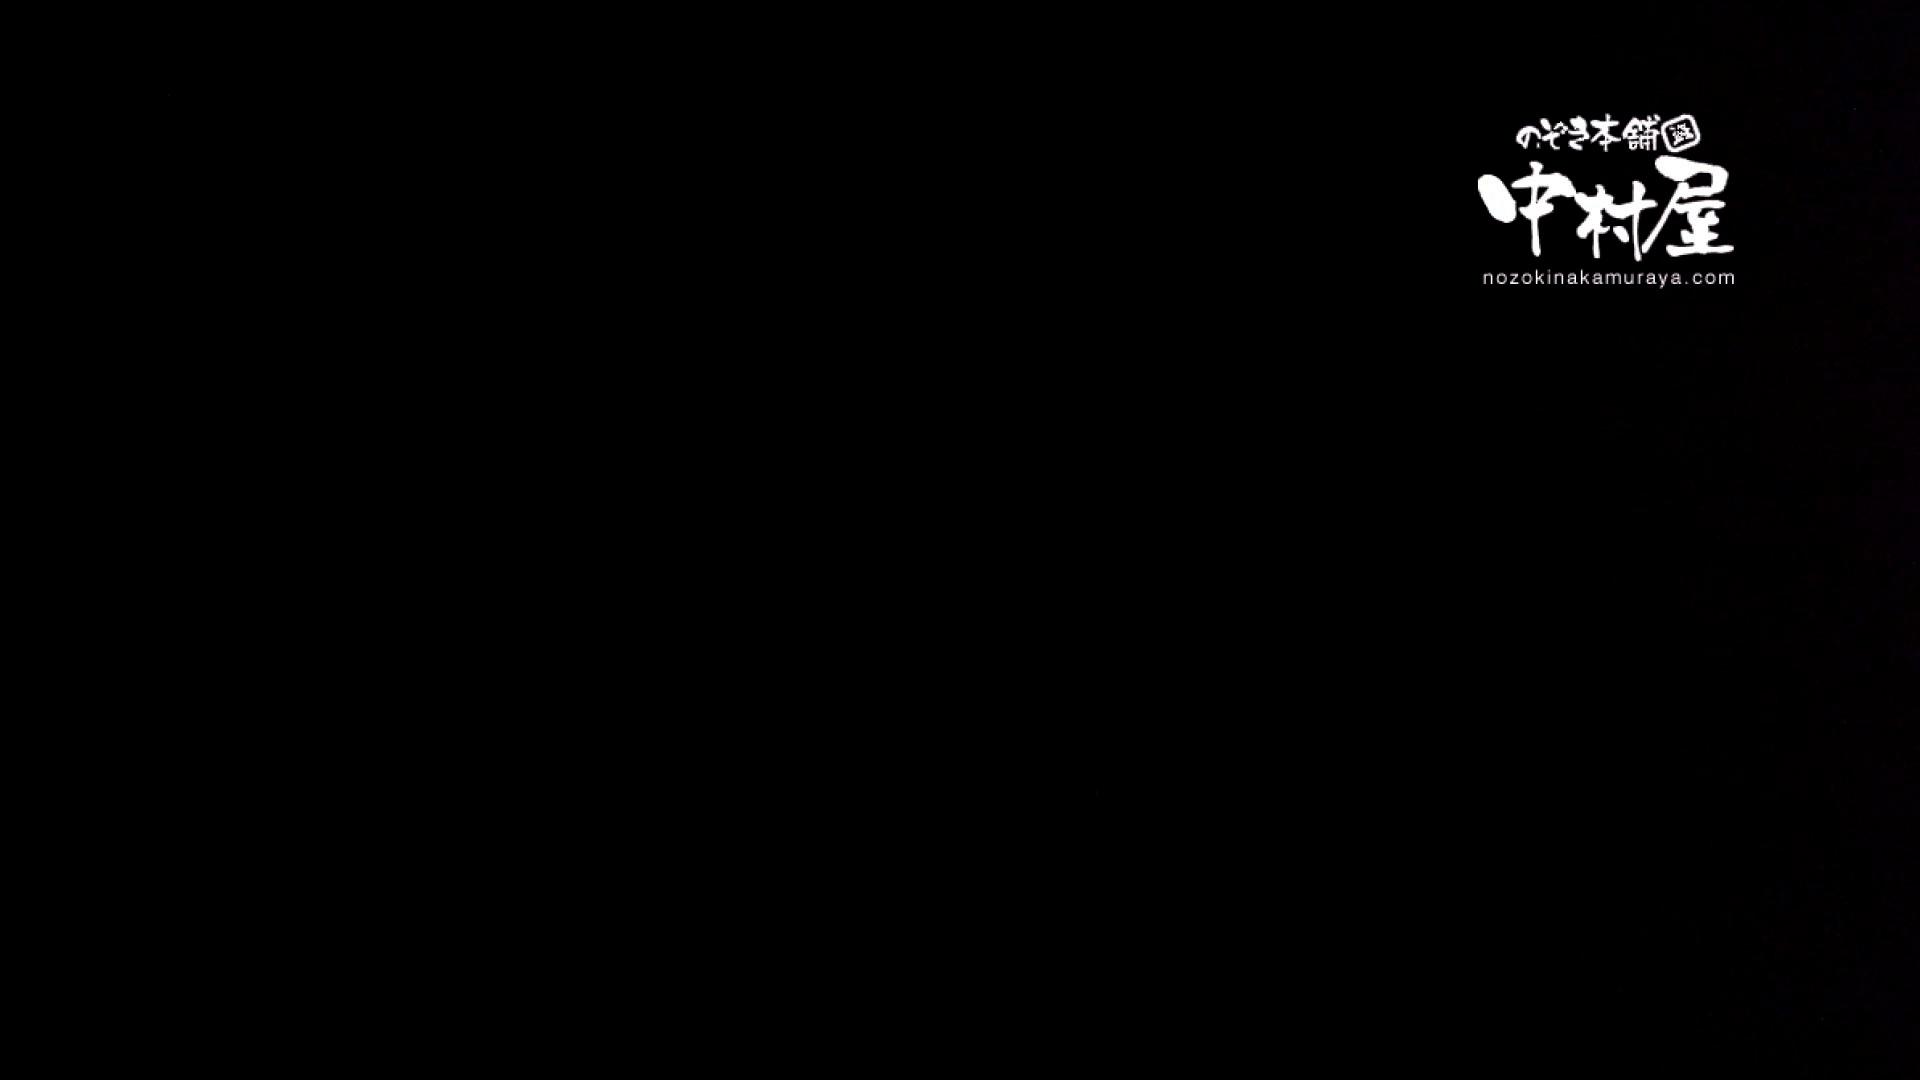 鬼畜 vol.16 実はマンざらでもない柔らかおっぱいちゃん 前編 鬼畜  113PIX 64